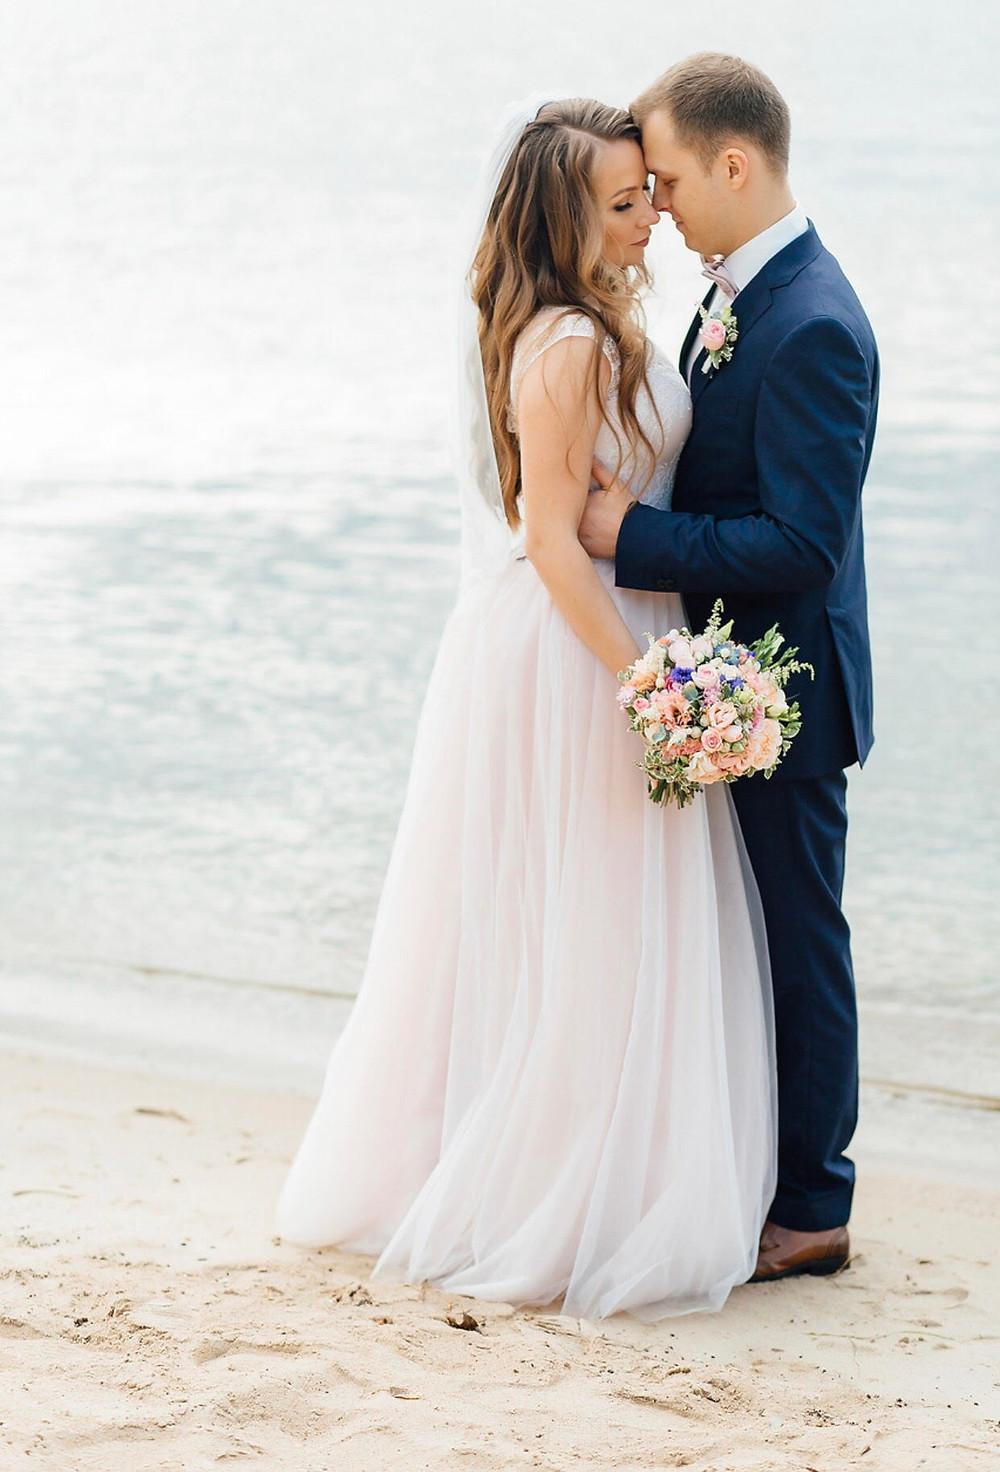 красивая дата свадьбы в 2018 году